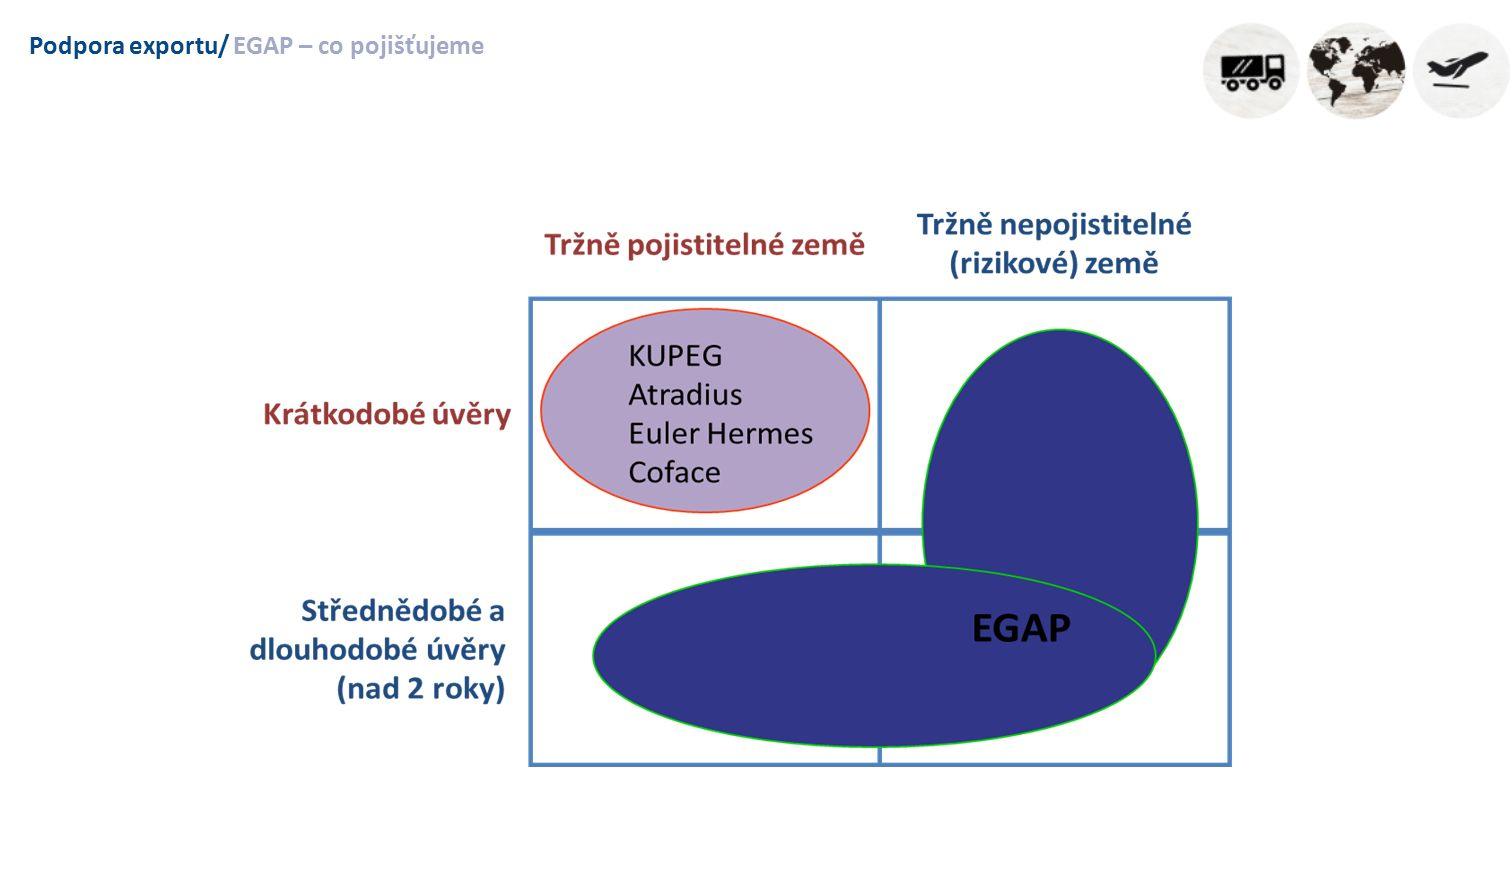 """Podpora exportu/Co pojišťujeme Pojišťujeme faktury už od 100.000,-Kč (produkt B a C) Díky roli EGAP získávají exportéři přístup k financování Pojištění EGAP bankami akceptováno jako plnohodnotné zajištění úvěru – """"nulová váha rizika Výhoda: Pro exportéra – peníze ihned doma Pro importéra – výborné finanční podmínky, které by pravděpodobně nebyl schopen sám na domácím trhu získat"""